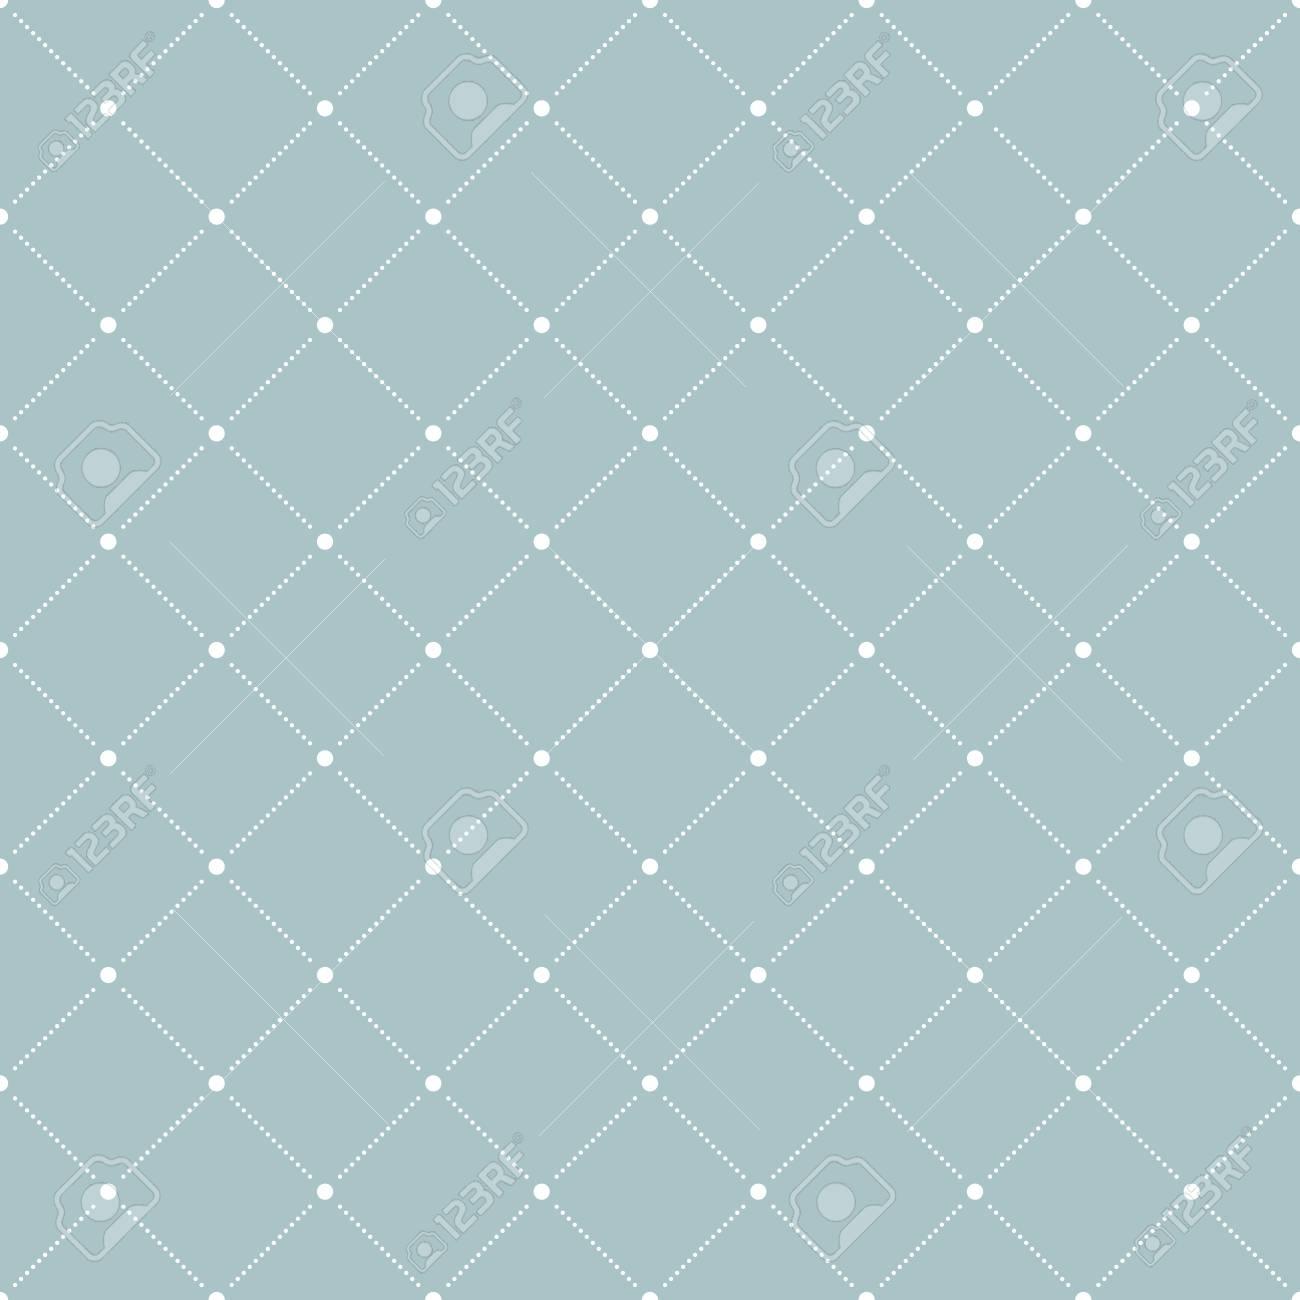 Full Size of Geometrische Feine Abstraktes Muster Nahtlose Wohnzimmer Bett 180x200 Tapete Küche Fototapeten Tapeten Für Die Esstische Holz Fürs Duschen Schlafzimmer Wohnzimmer Tapeten Modern